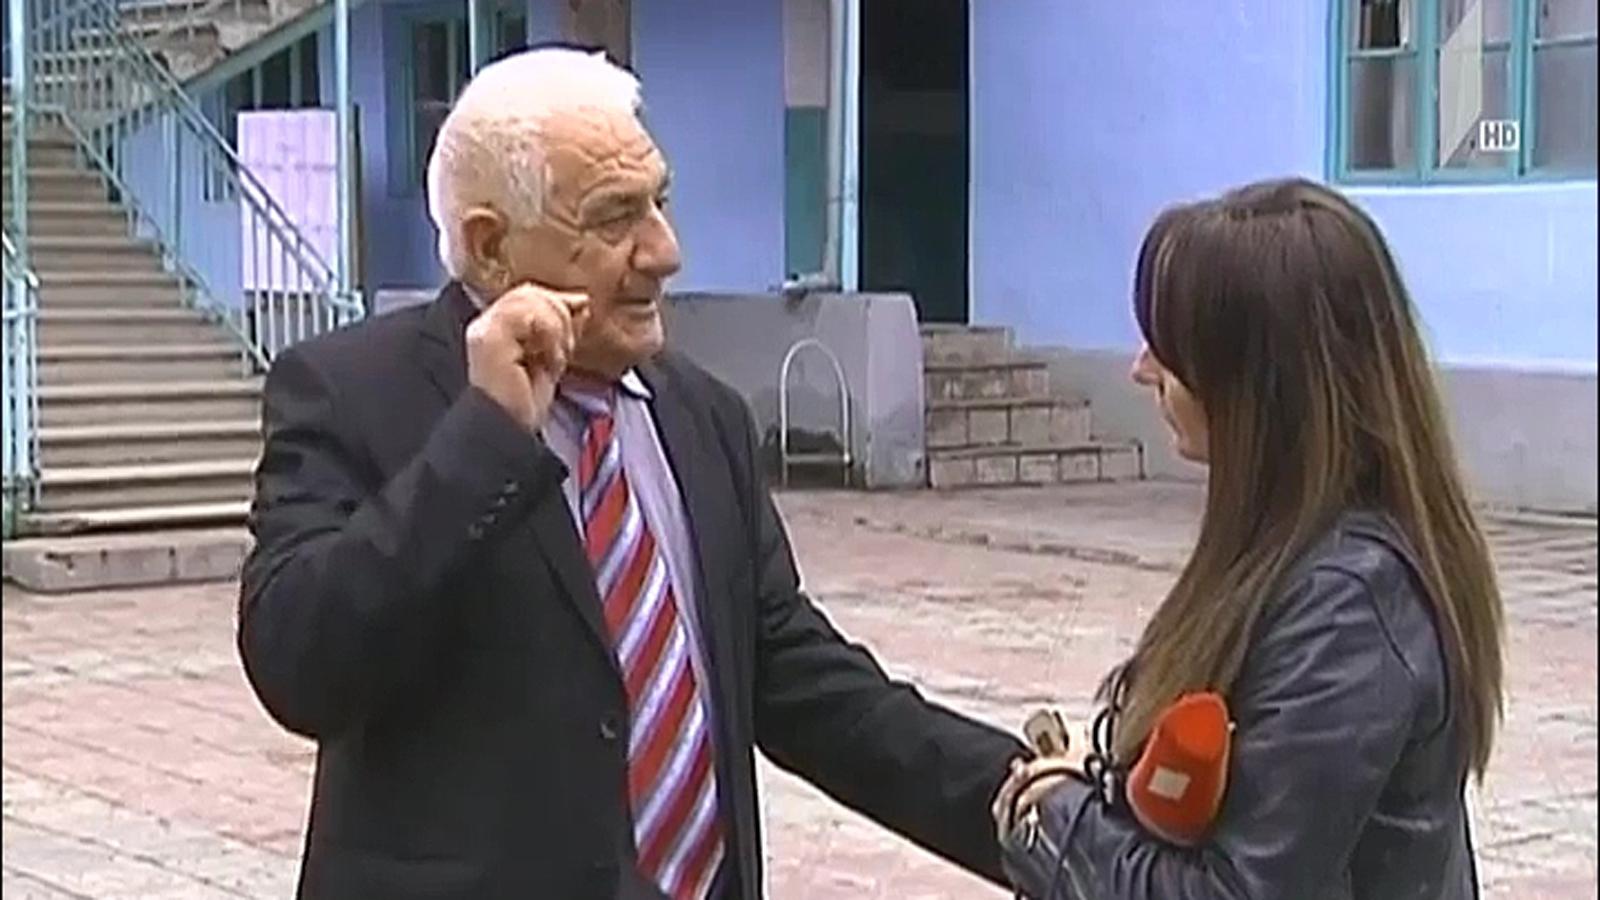 როგორ მოხვდნენ მარნეულის რაიონის რამდენიმე სკოლის მოსწავლეები და დირექტორები ქართული ოცნების საარჩევნო შეხვედრაზე